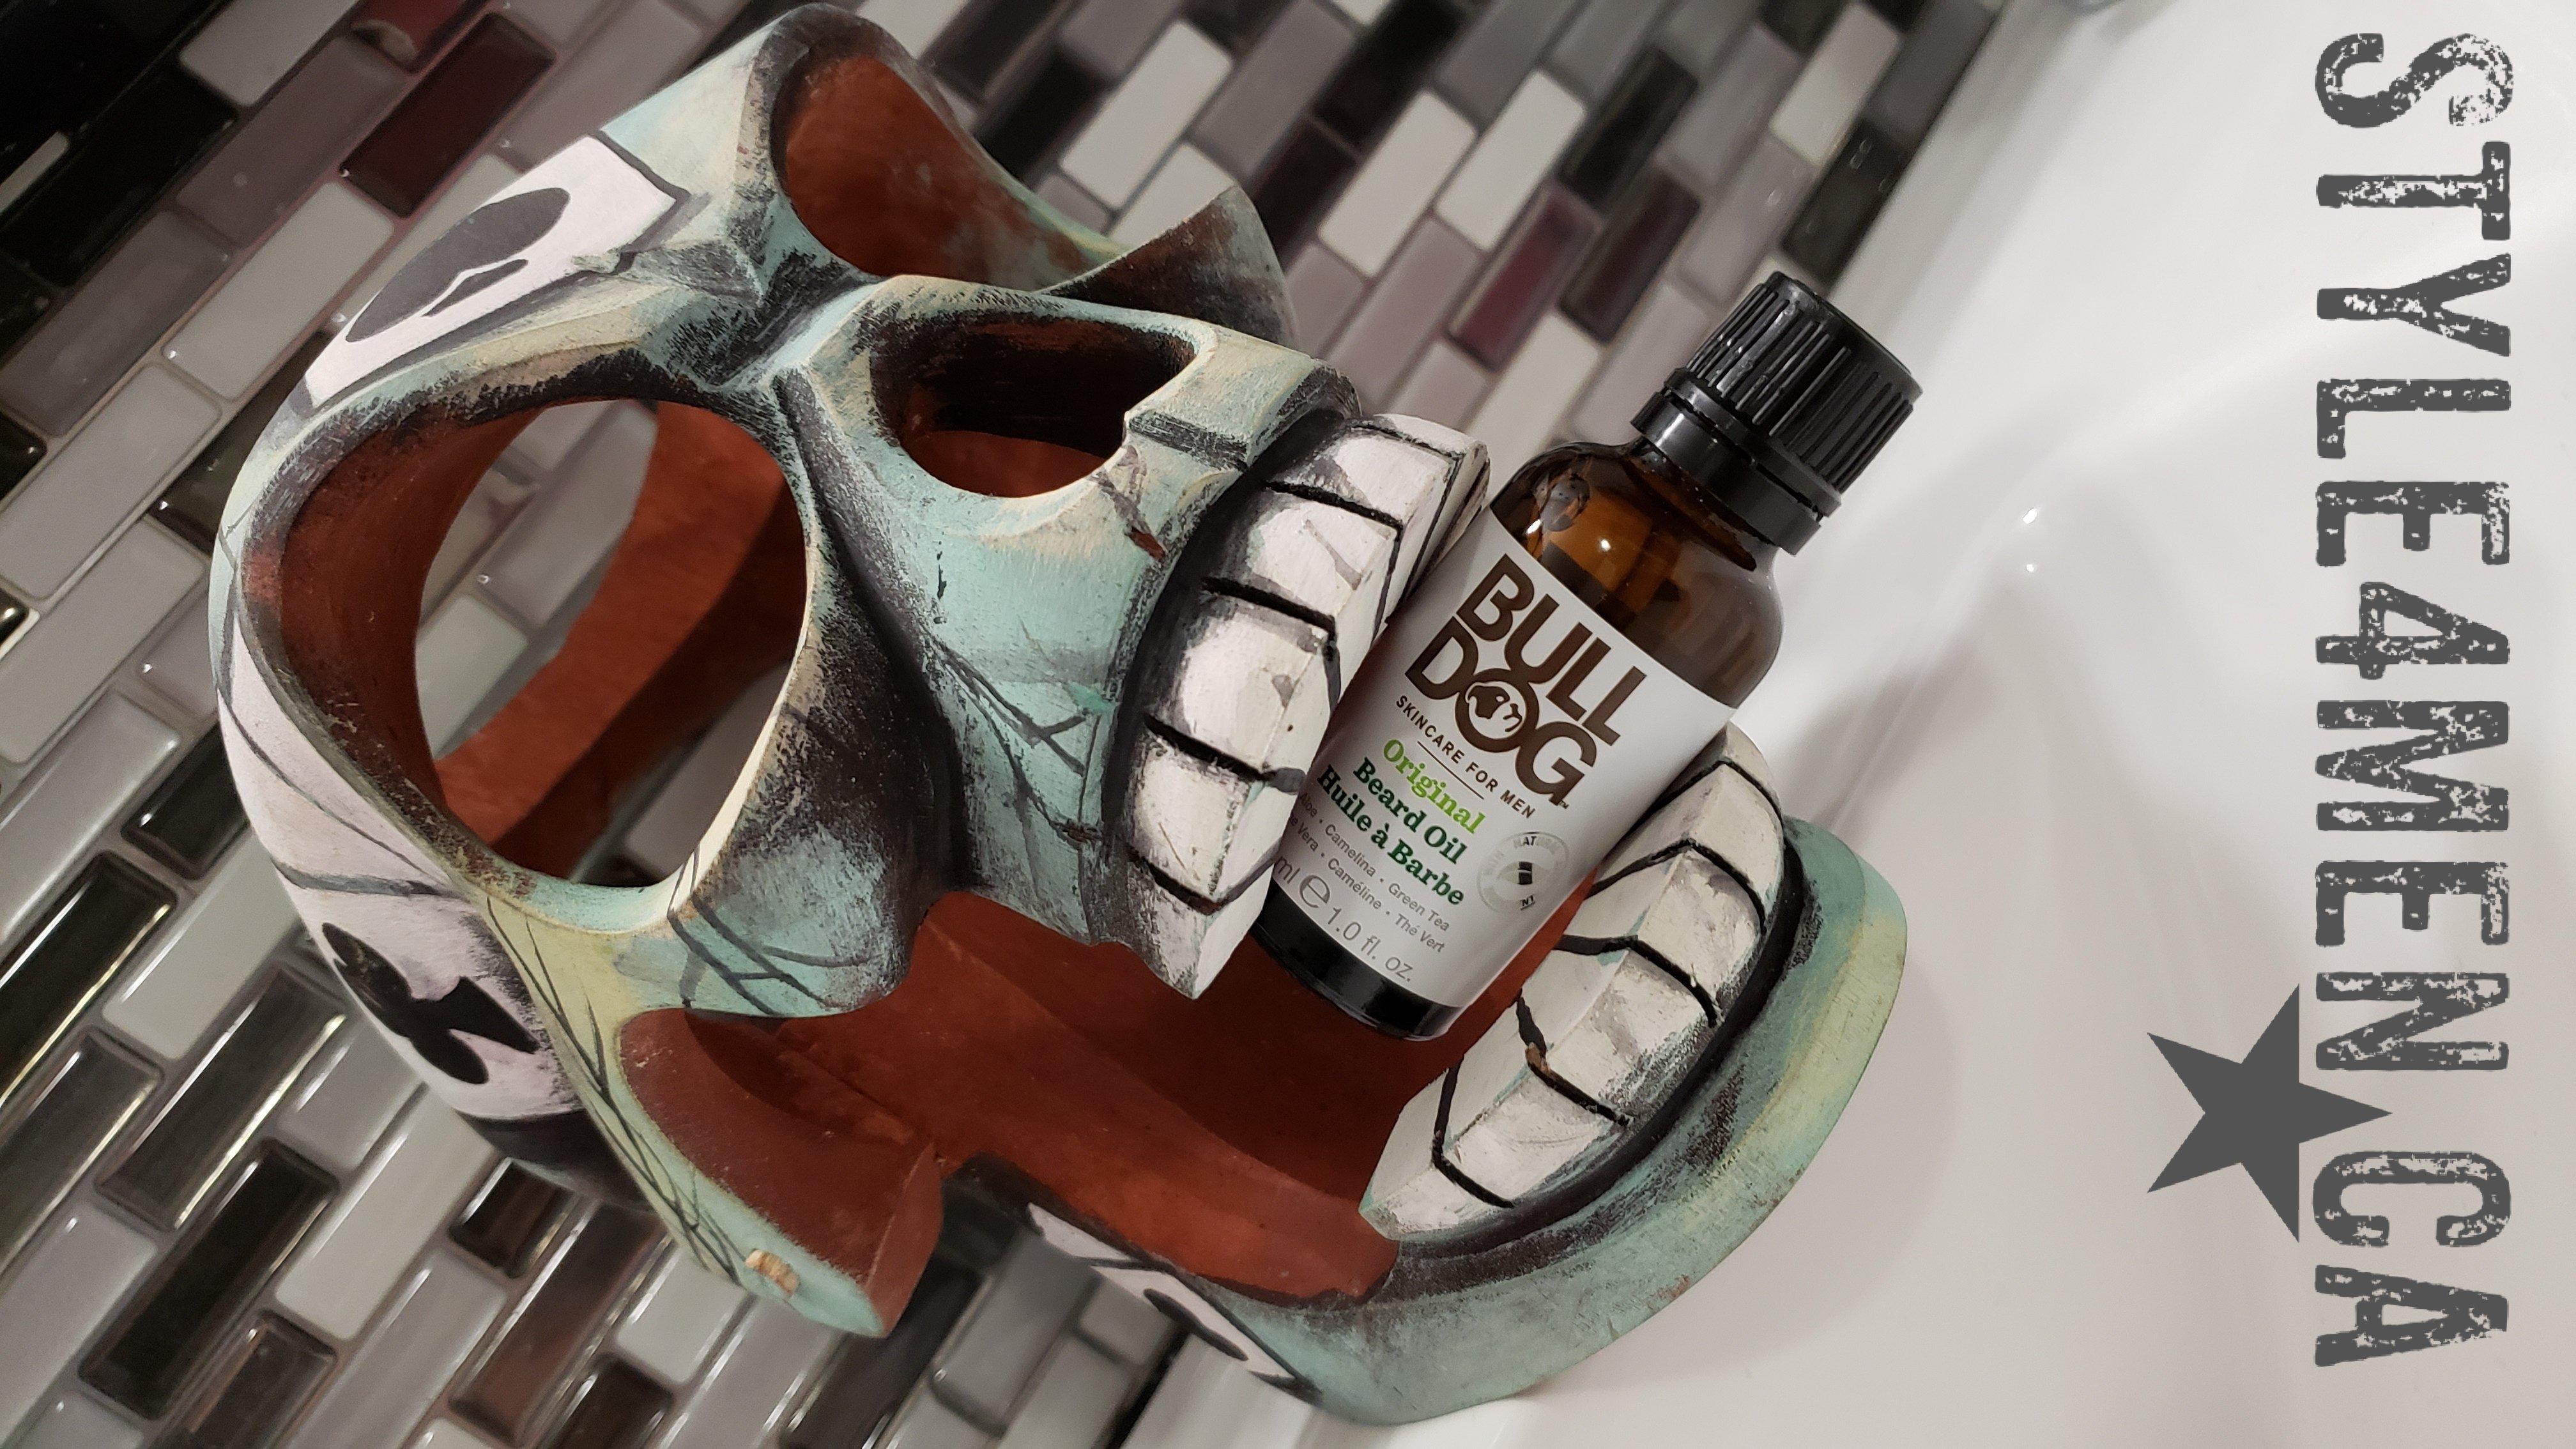 Beard Oil by Bull Dog Skincare